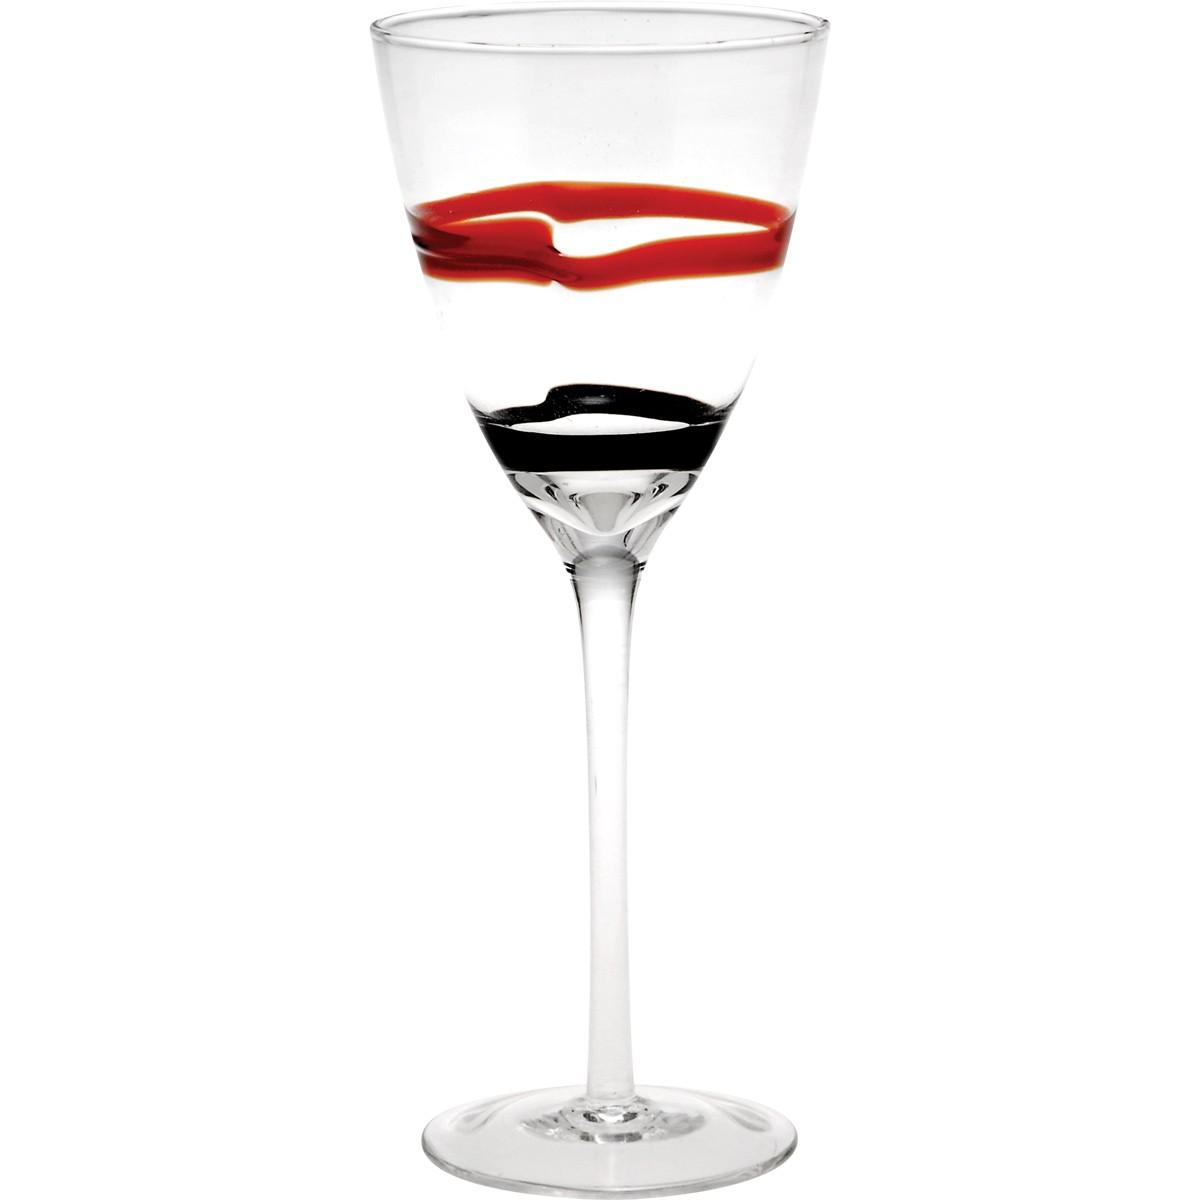 Ποτήρια Νερού Κολωνάτα (Σετ 6τμχ) Home Design SDL1104/RW